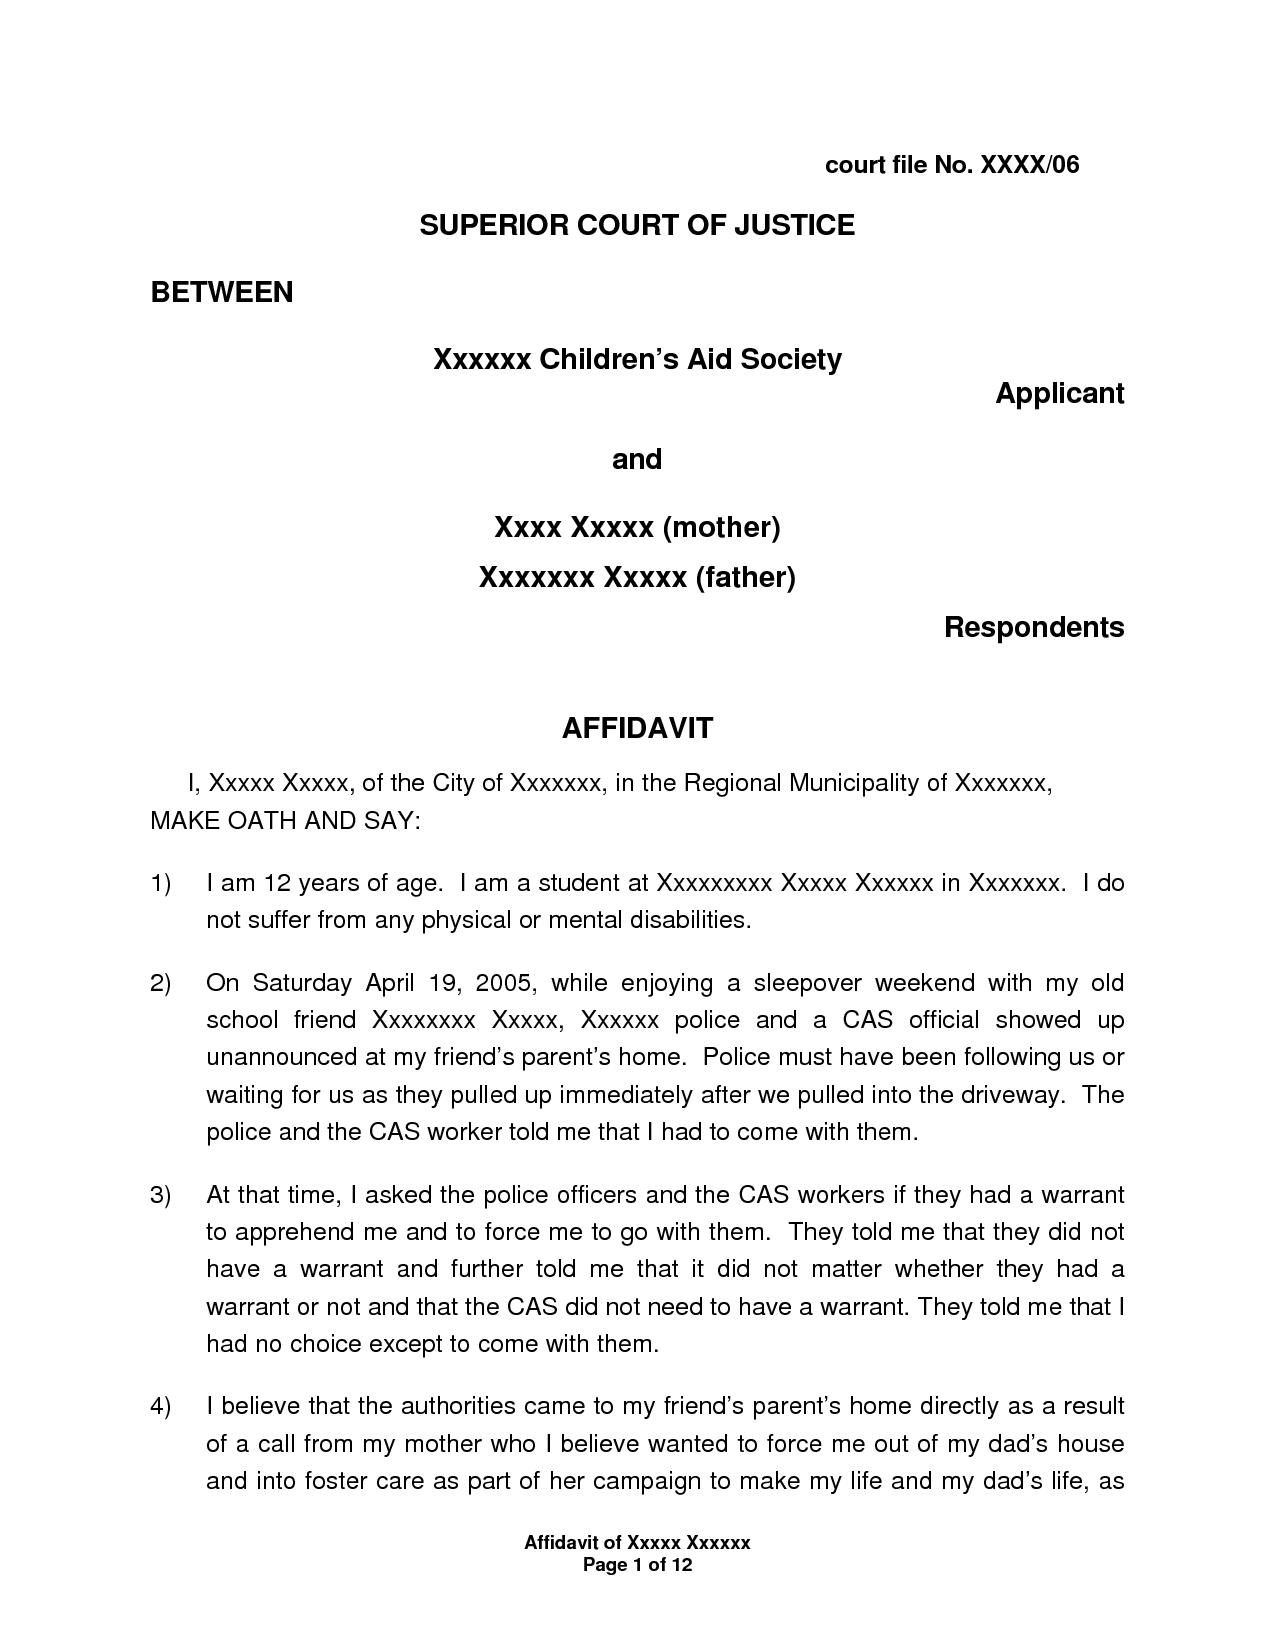 affidavit of support sample letter marriage